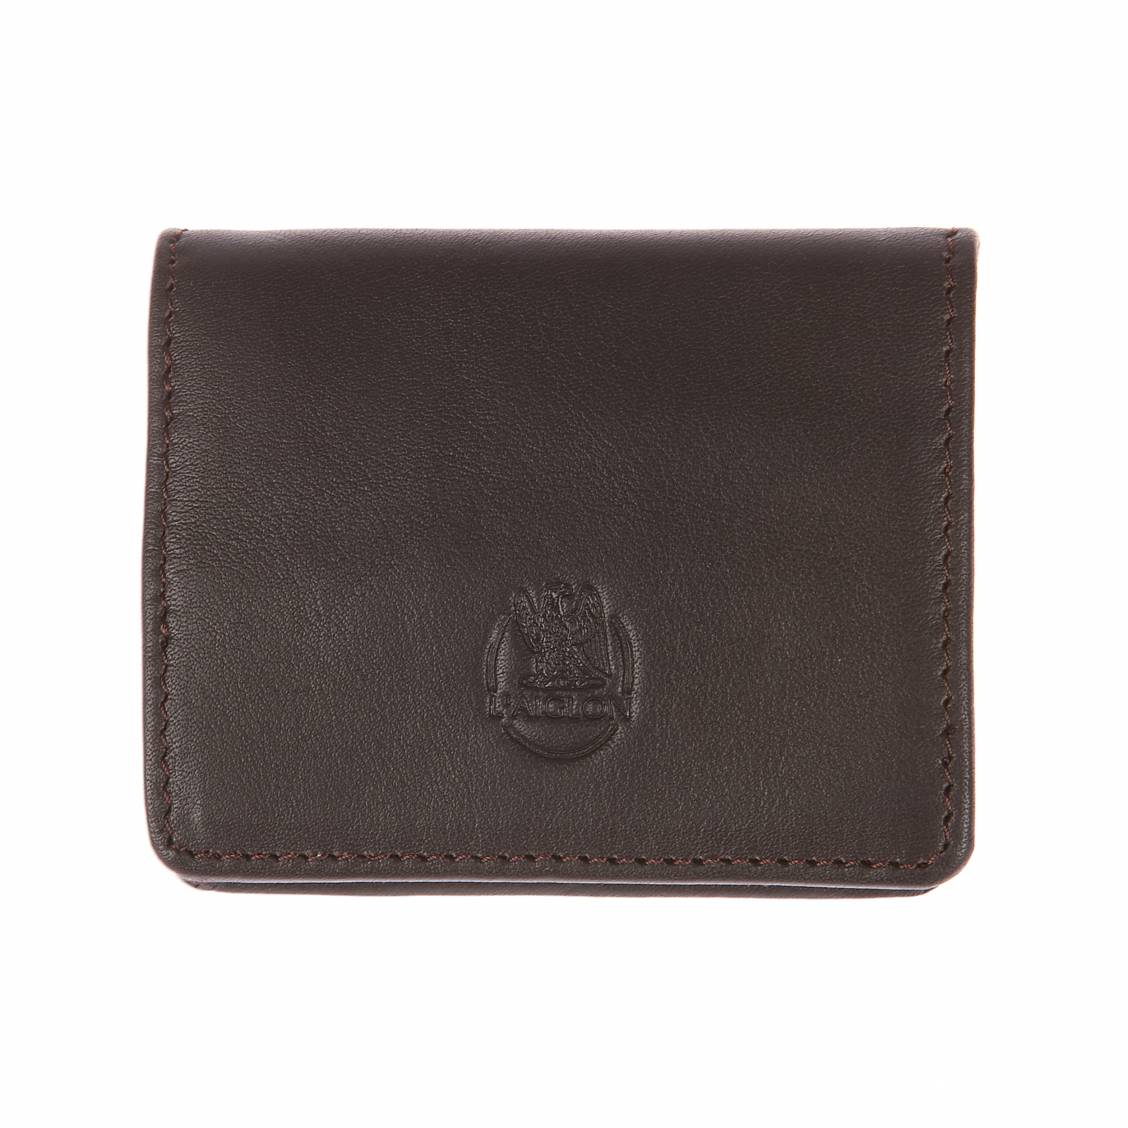 Porte-monnaie L'aiglon en cuir lisse marron. Cuir de veau (100%)MarronLogo de la marque gravé à l'avantFermeture par un bouton pression